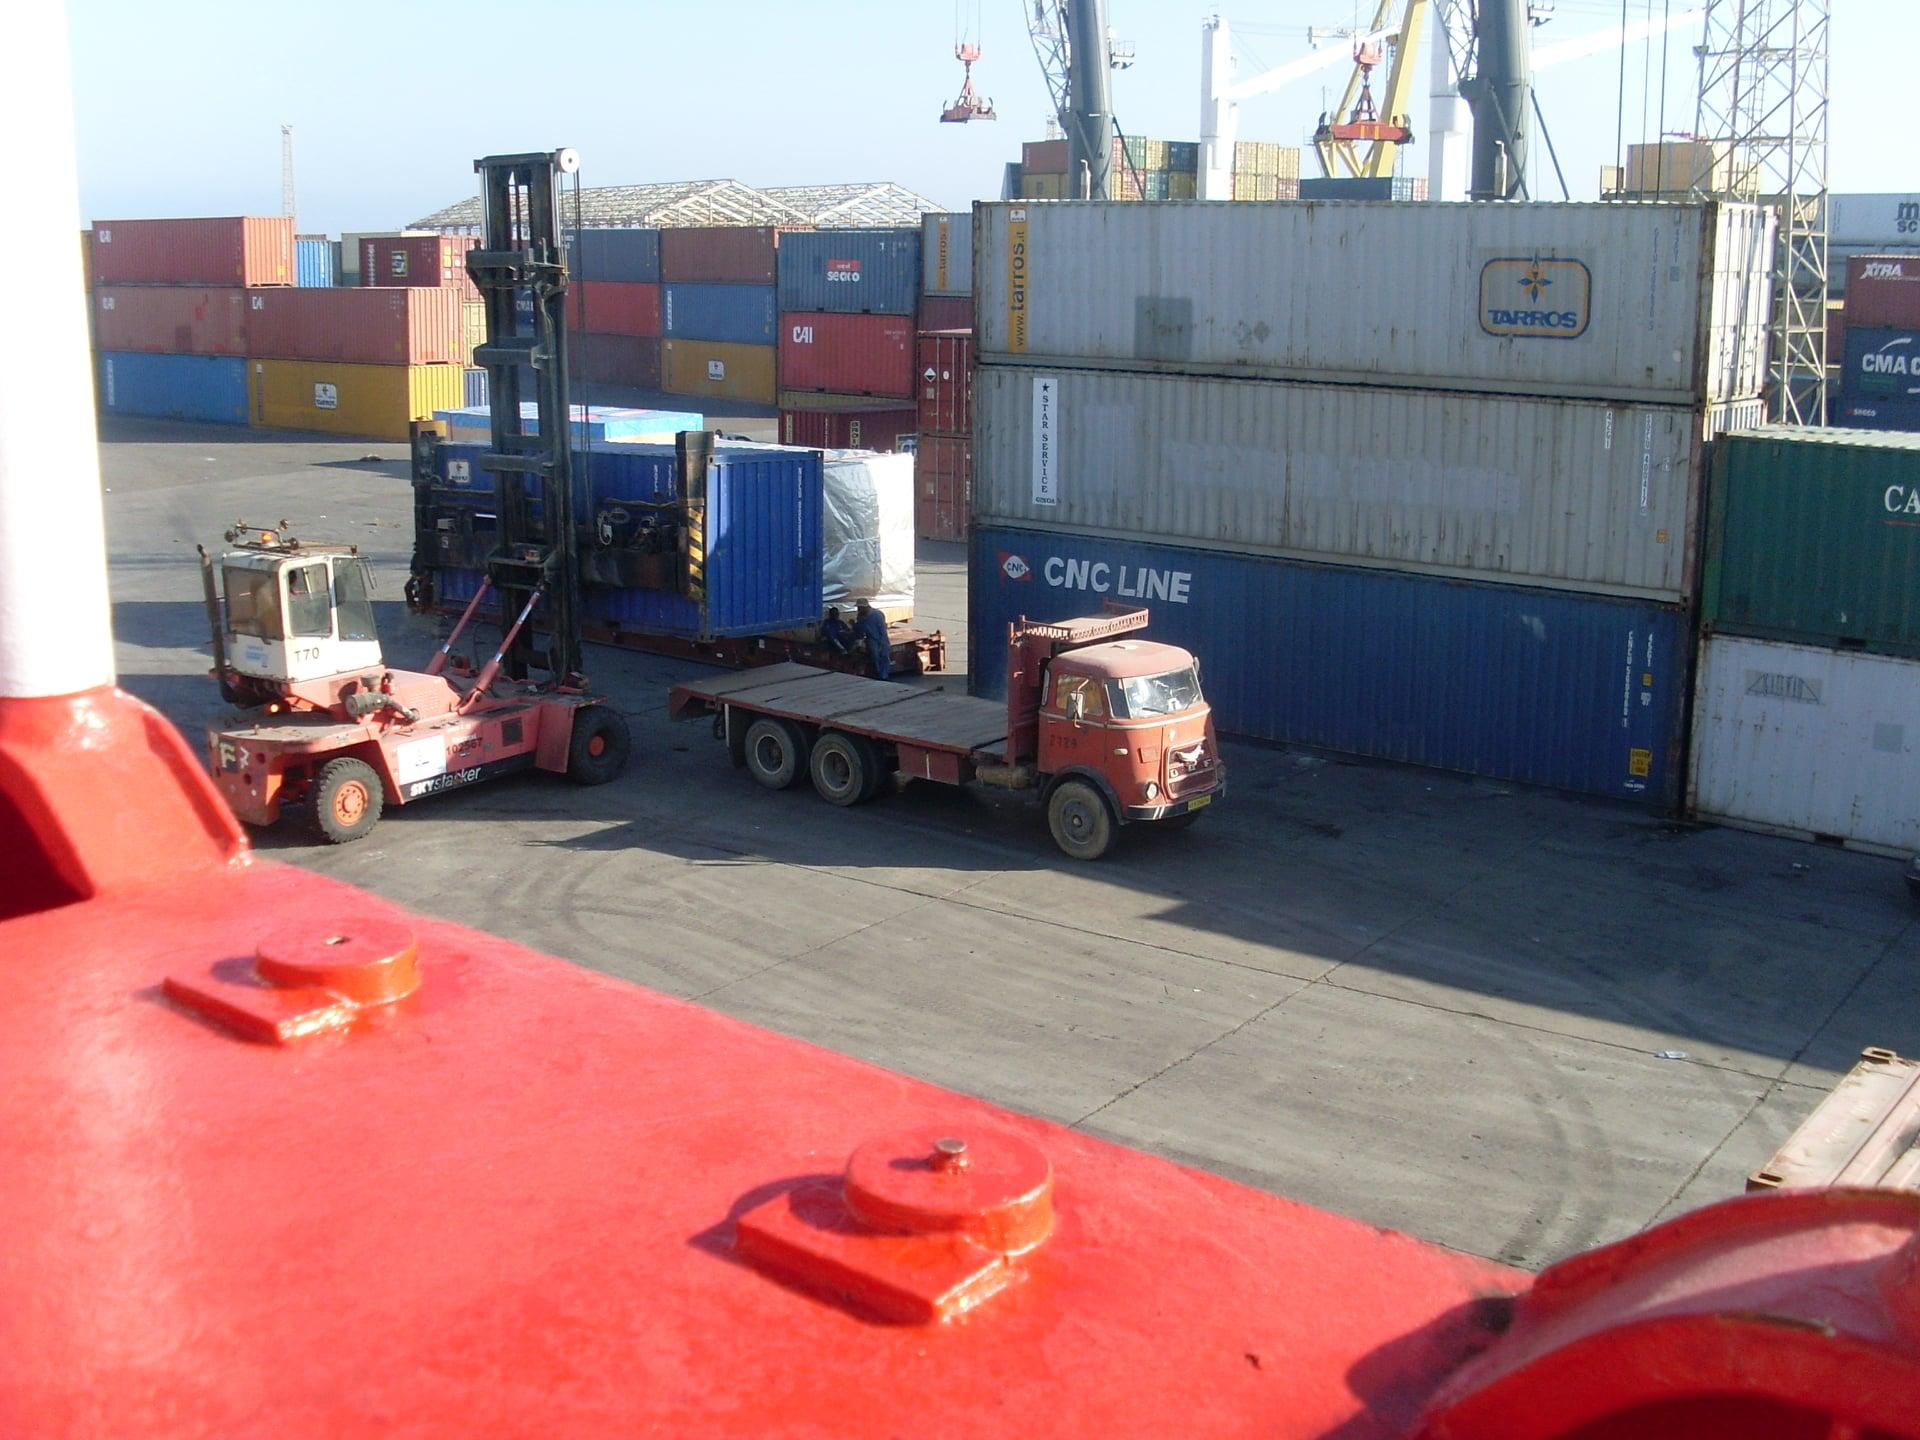 Daf-in-de-haven-van-Tripolie-2018--Ad-van-Heel-geel-archief--(7)